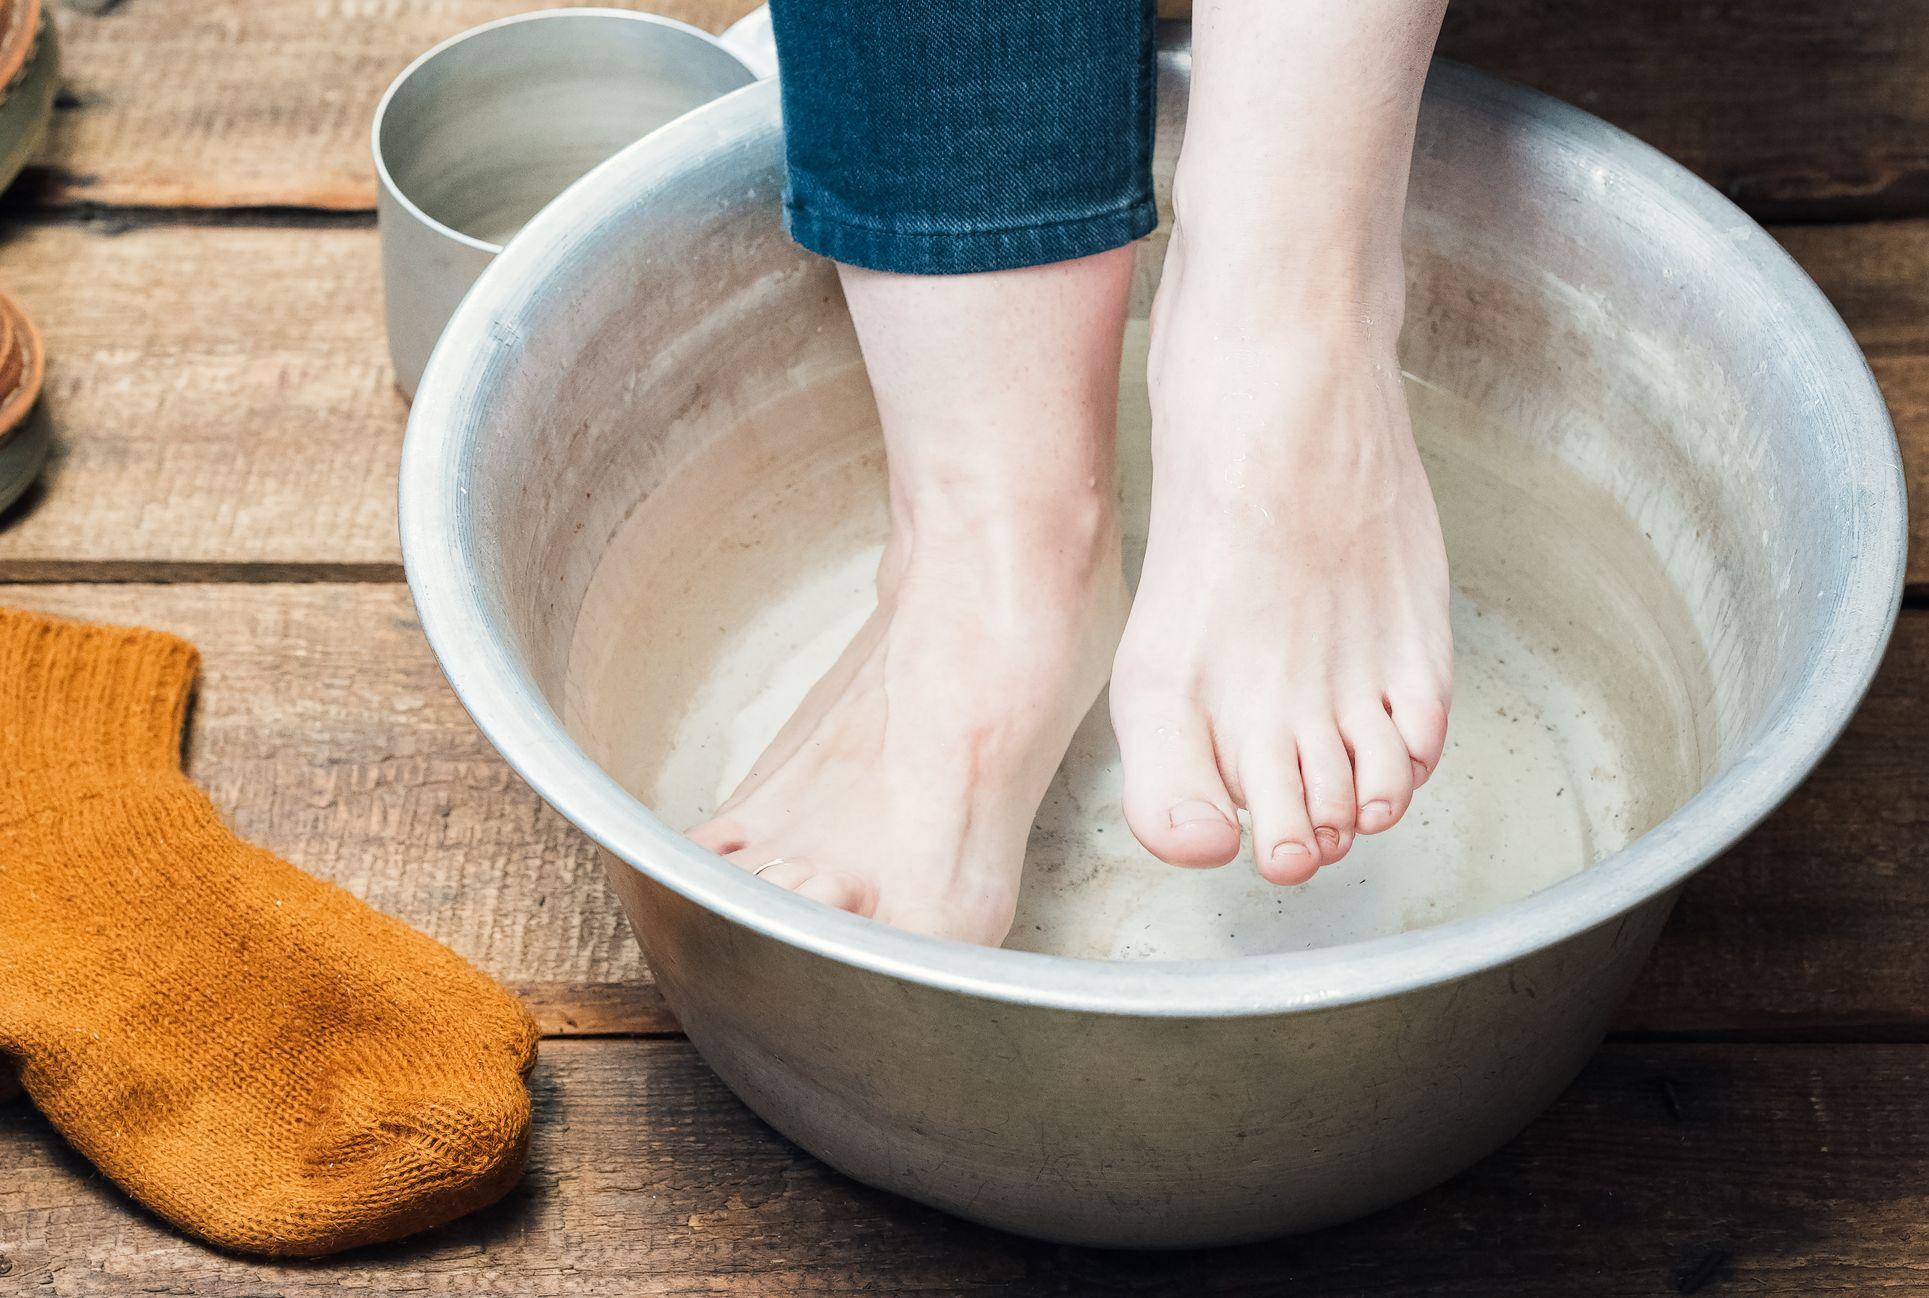 embeded hair in bottom of foot